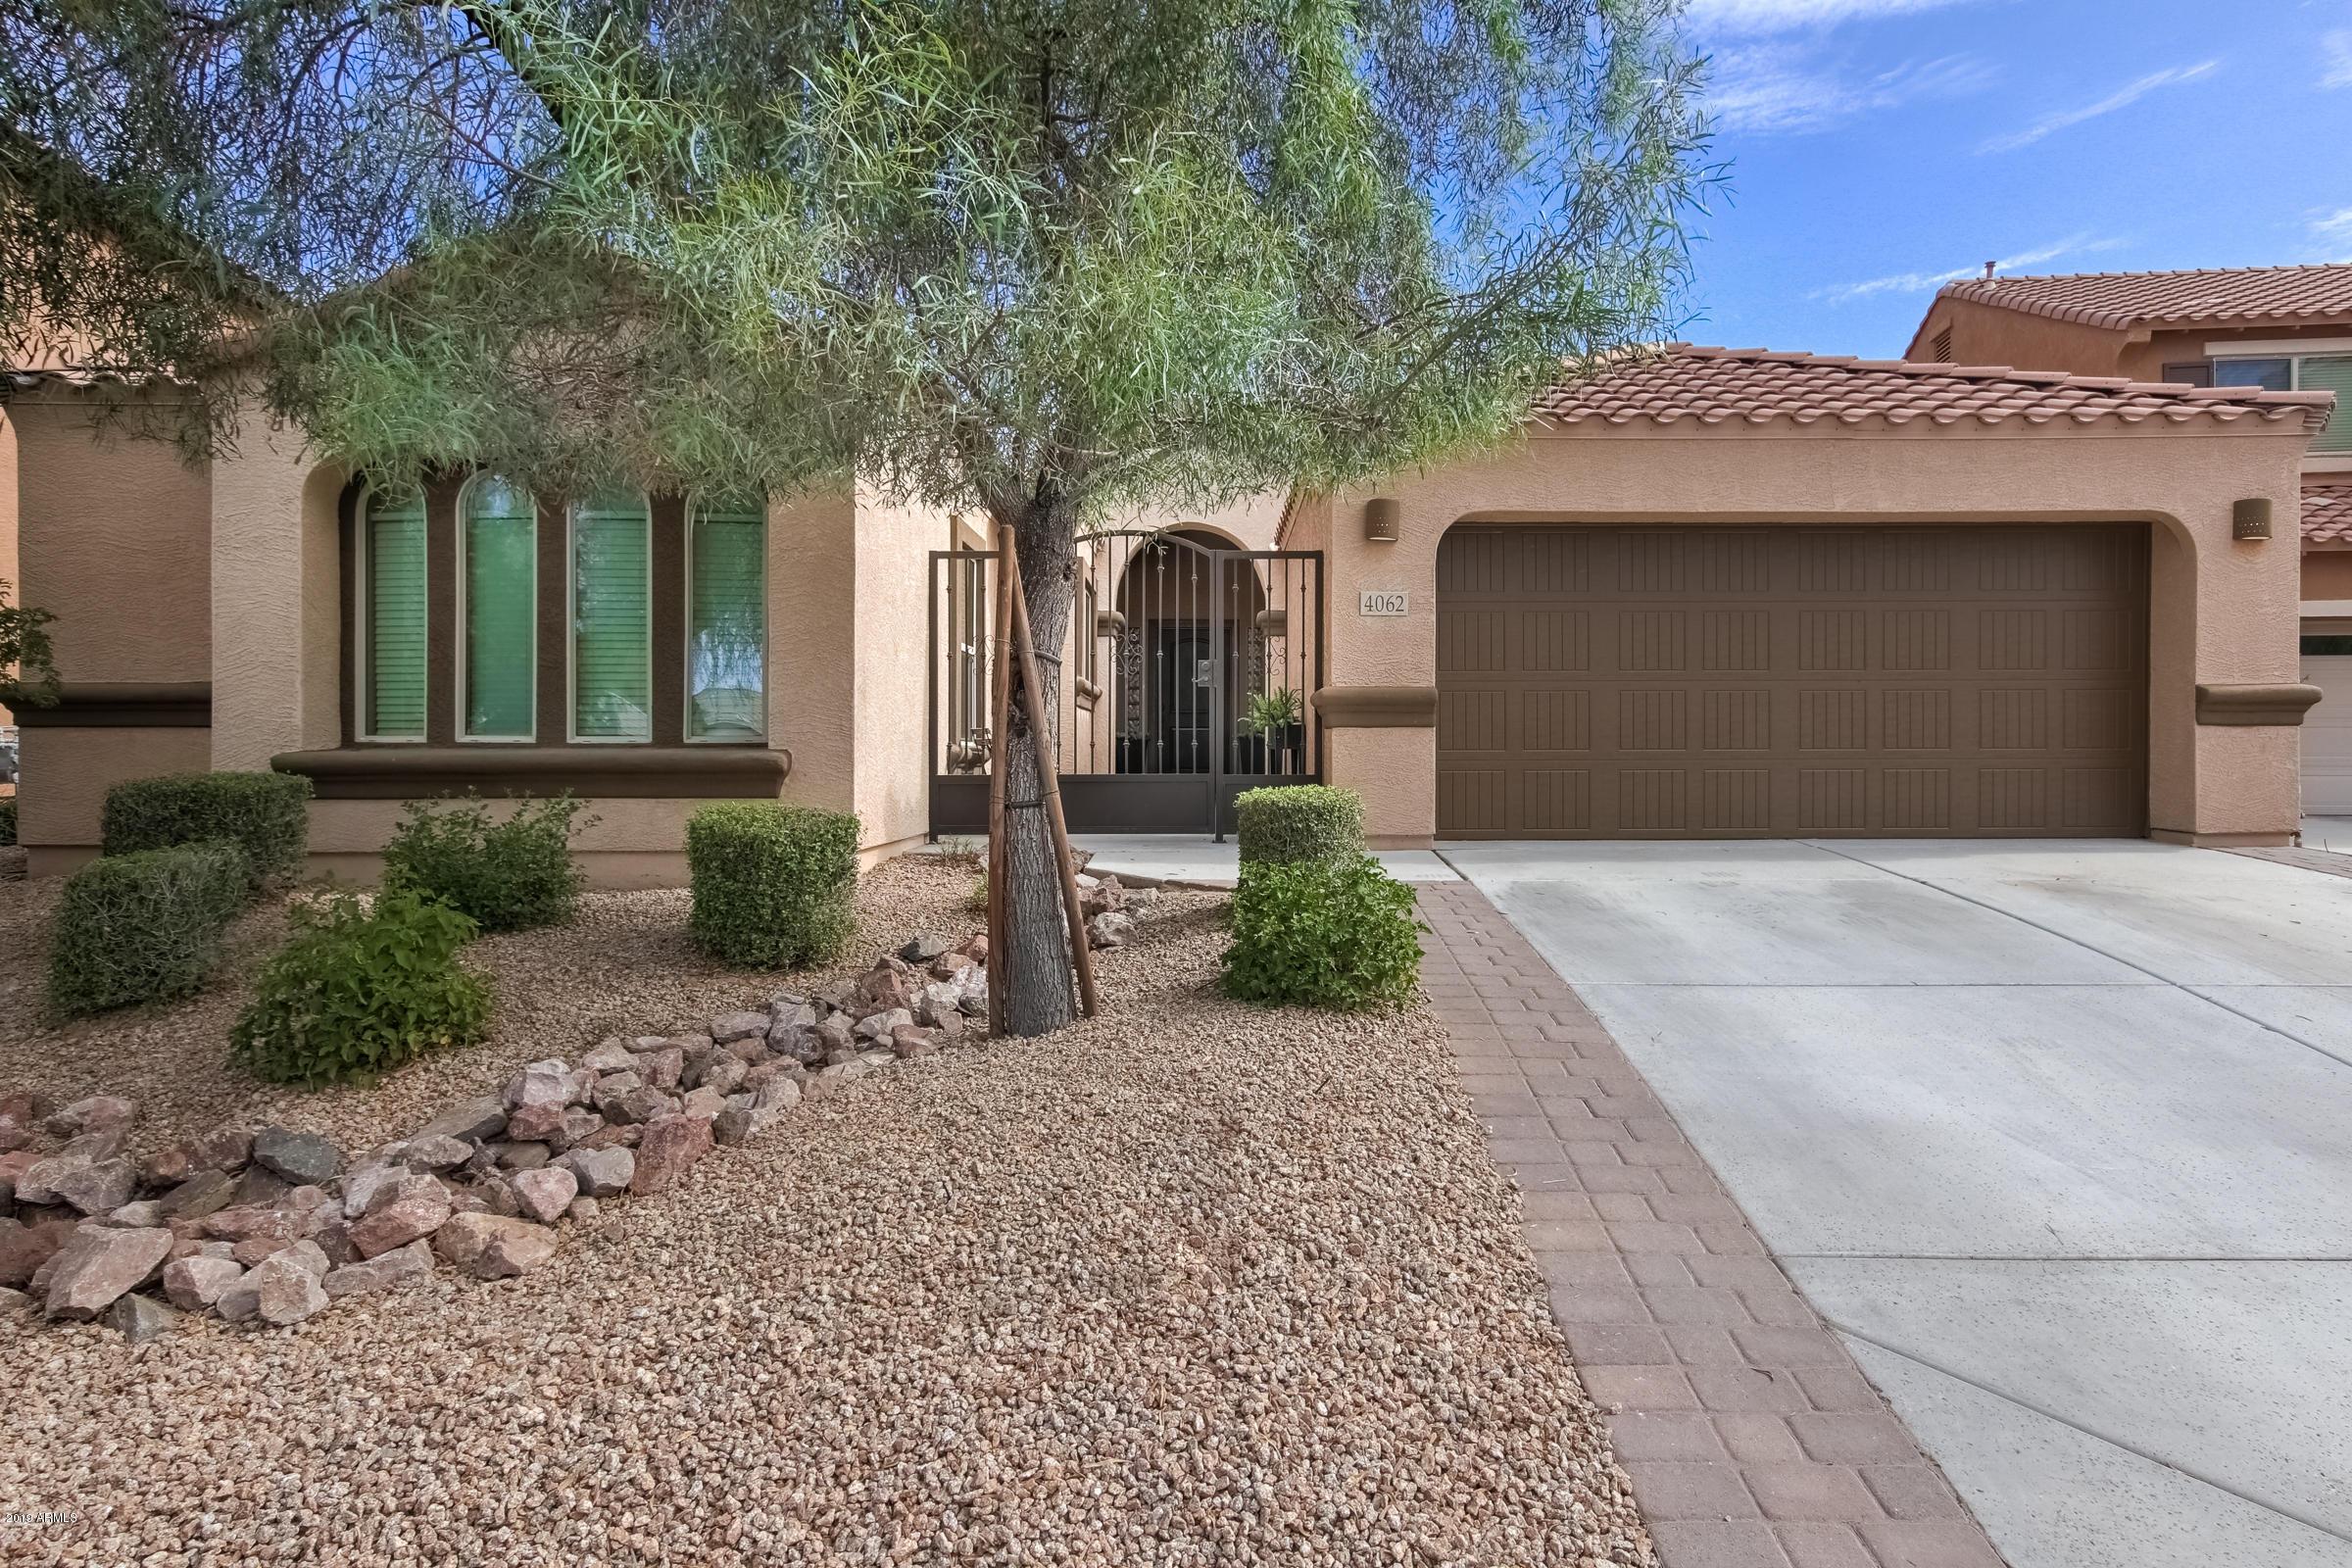 4062 E CASITAS DEL RIO Drive, Desert Ridge in Maricopa County, AZ 85050 Home for Sale